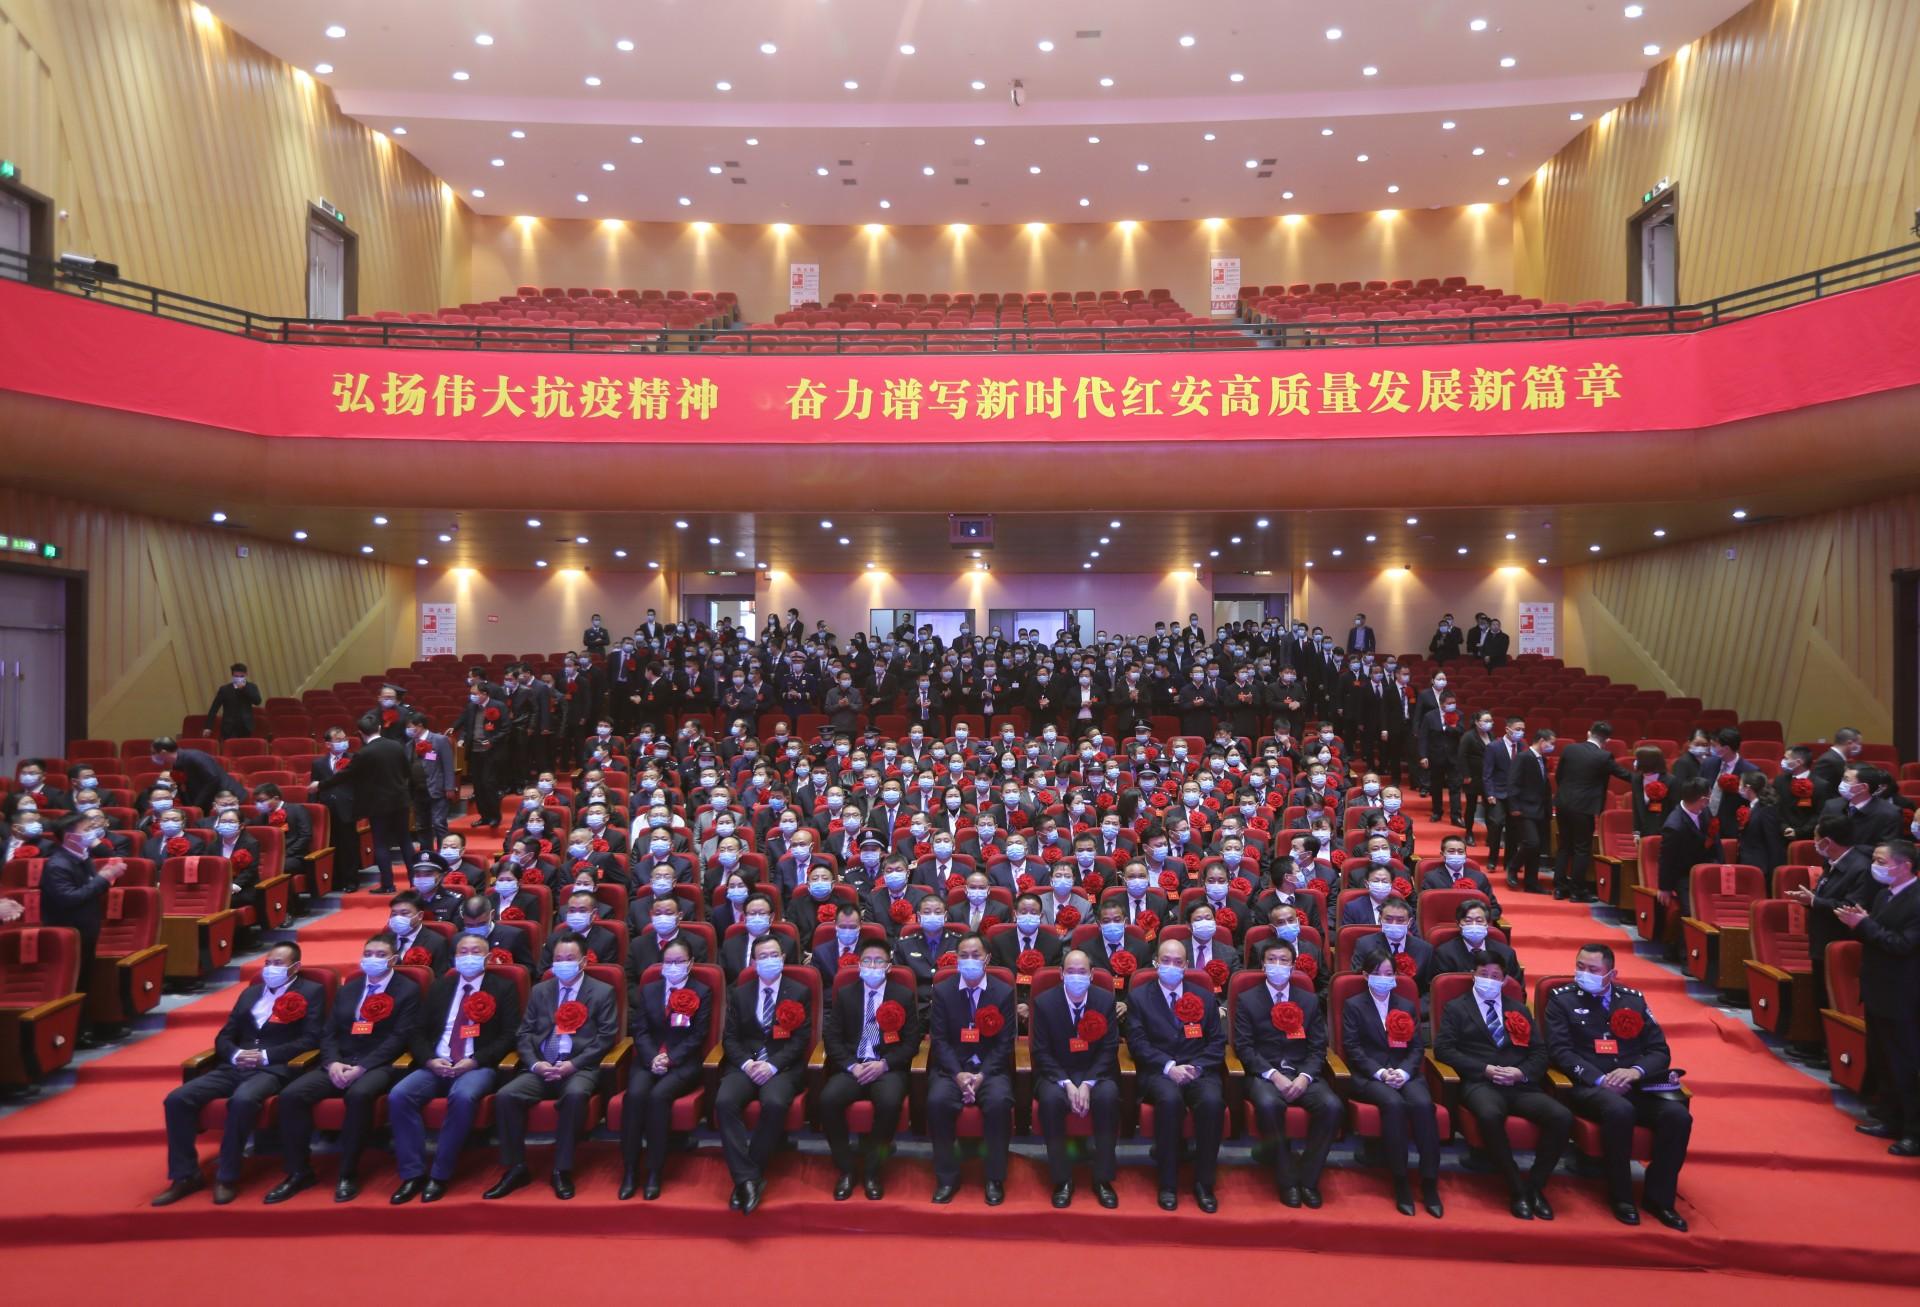 红安县抗击新冠肺炎疫情表彰大会举行